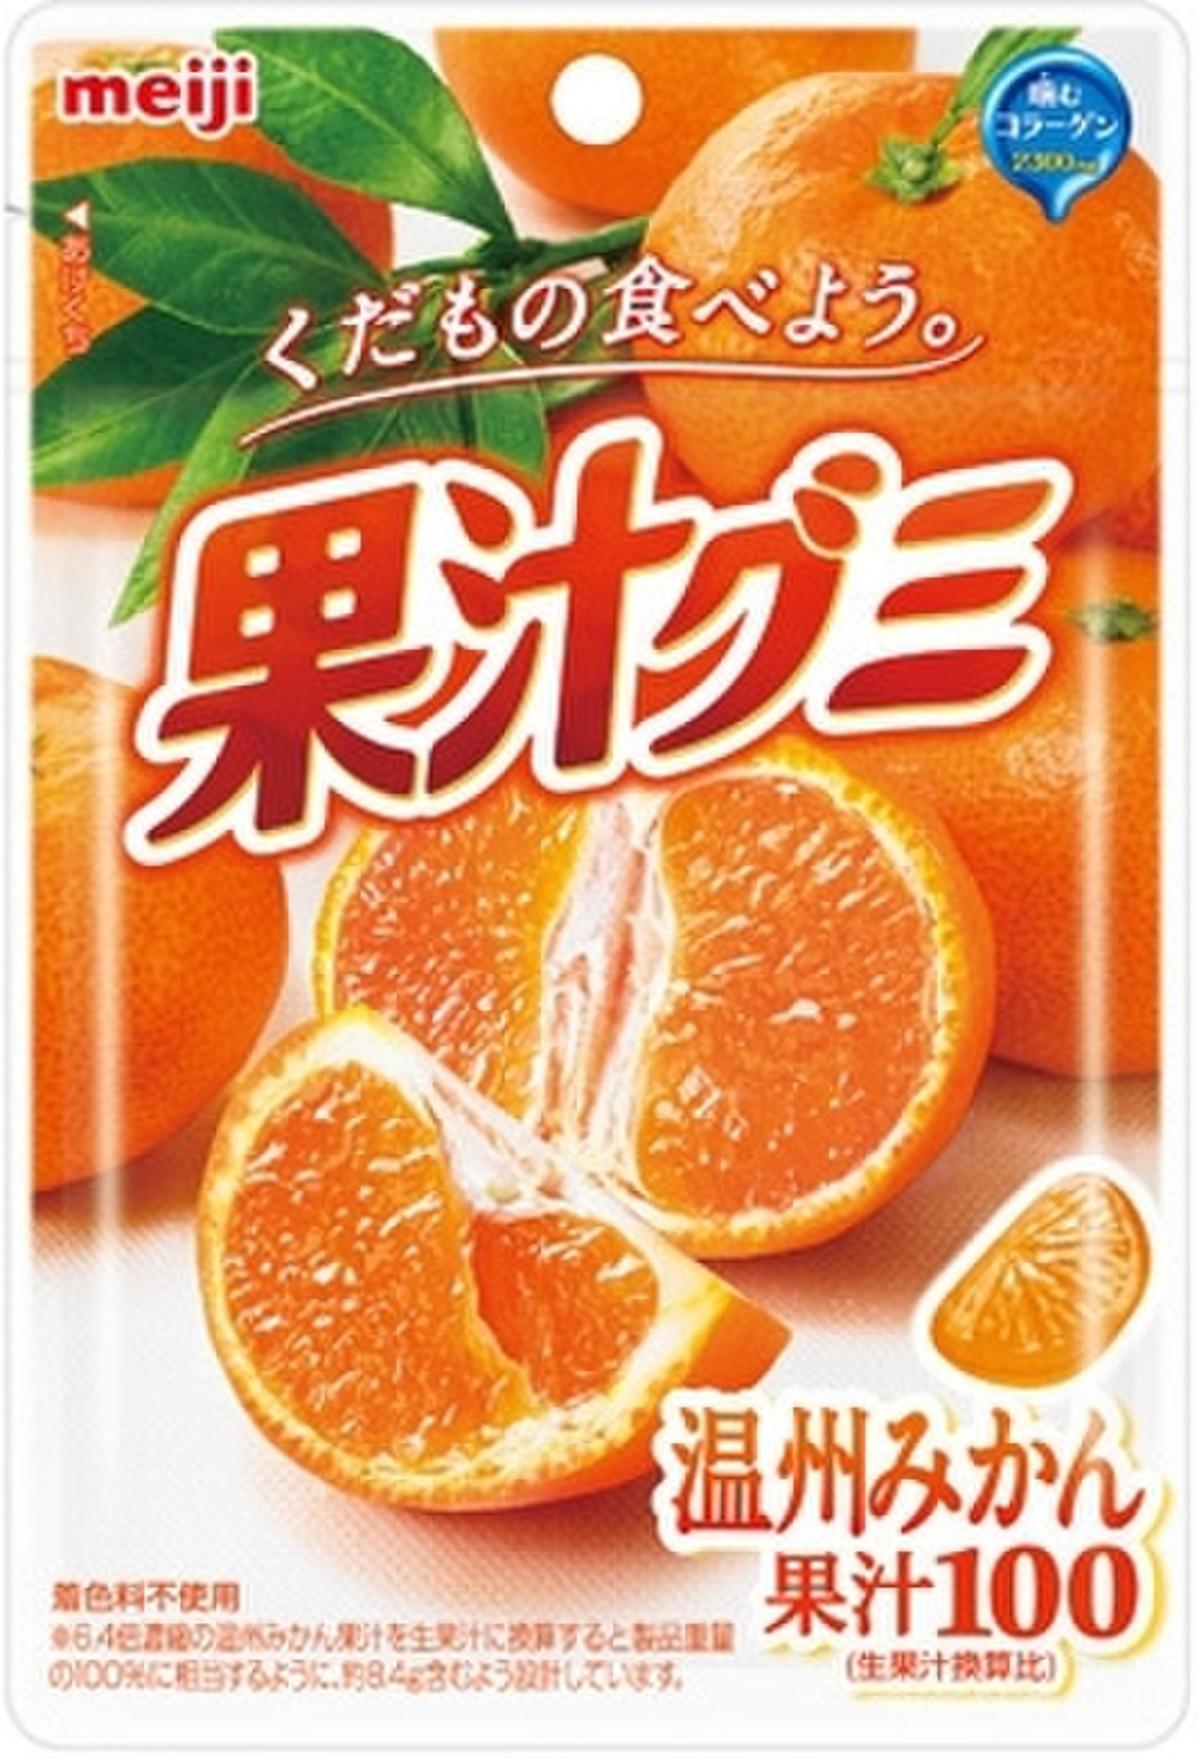 グミ 果汁